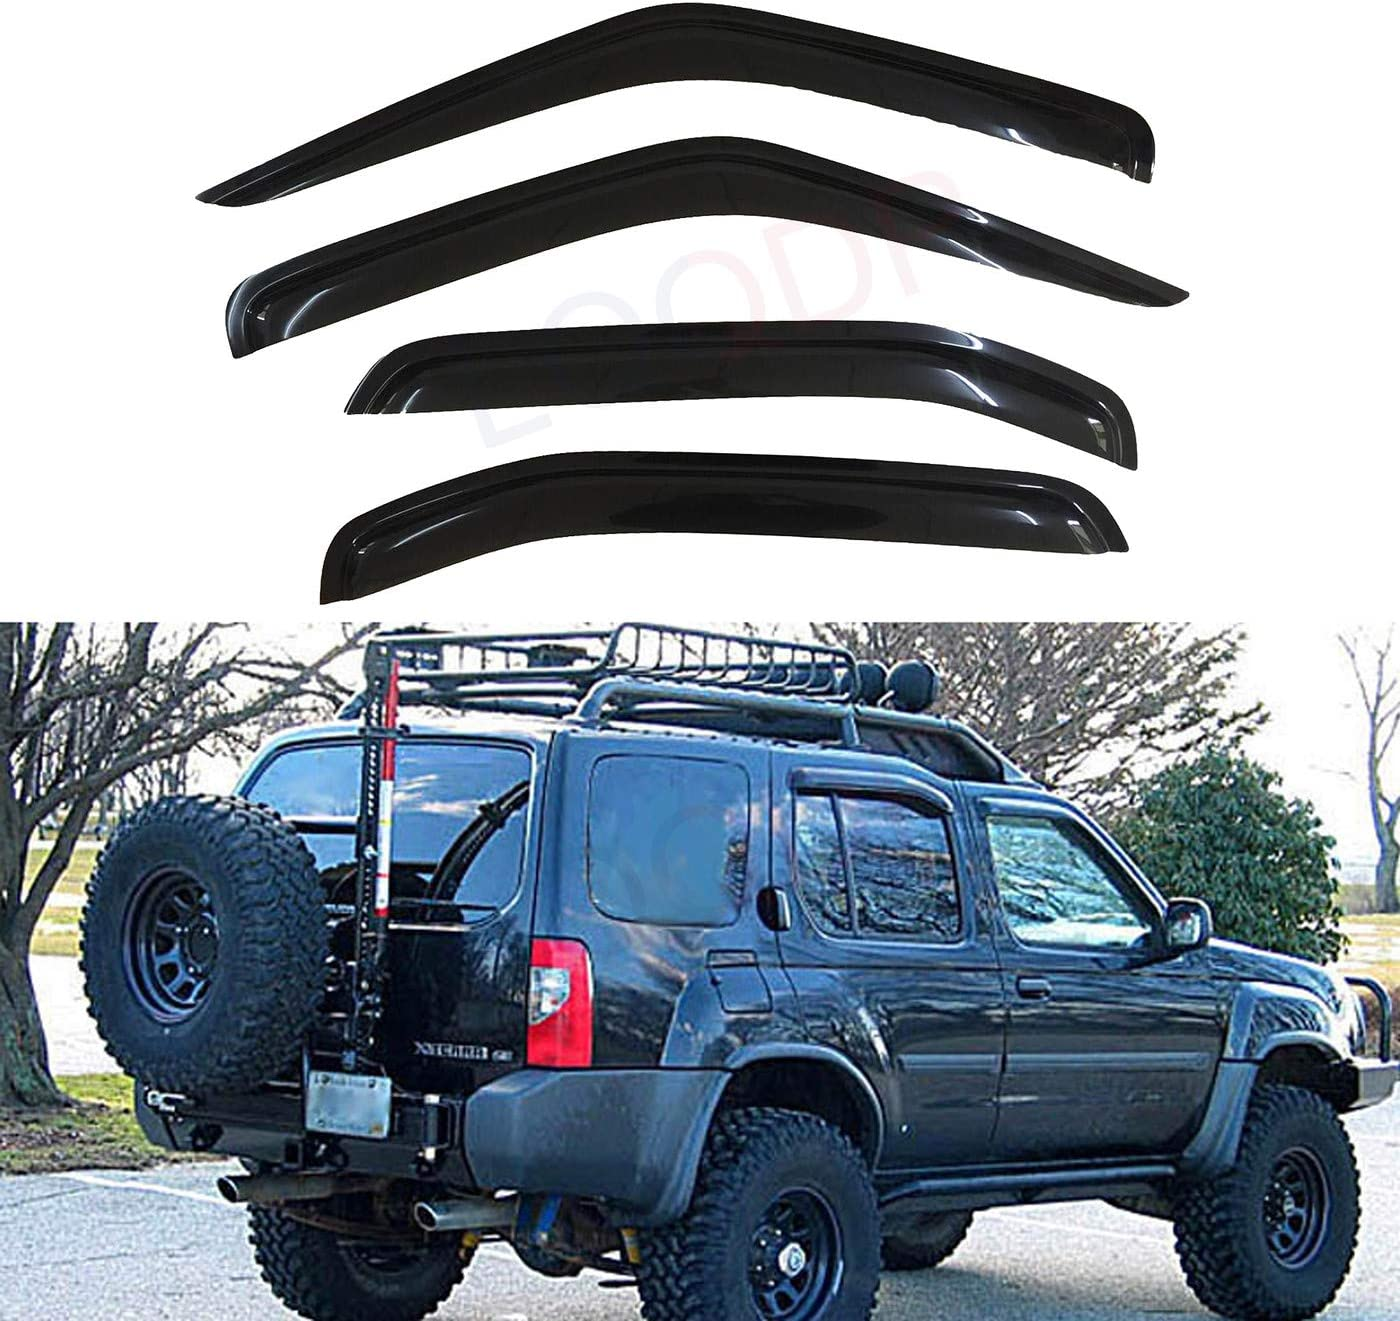 For 2005-2019 Nissan Frontier Crew Cab Smoke Door Vent Visors 4Pc Rain Guards